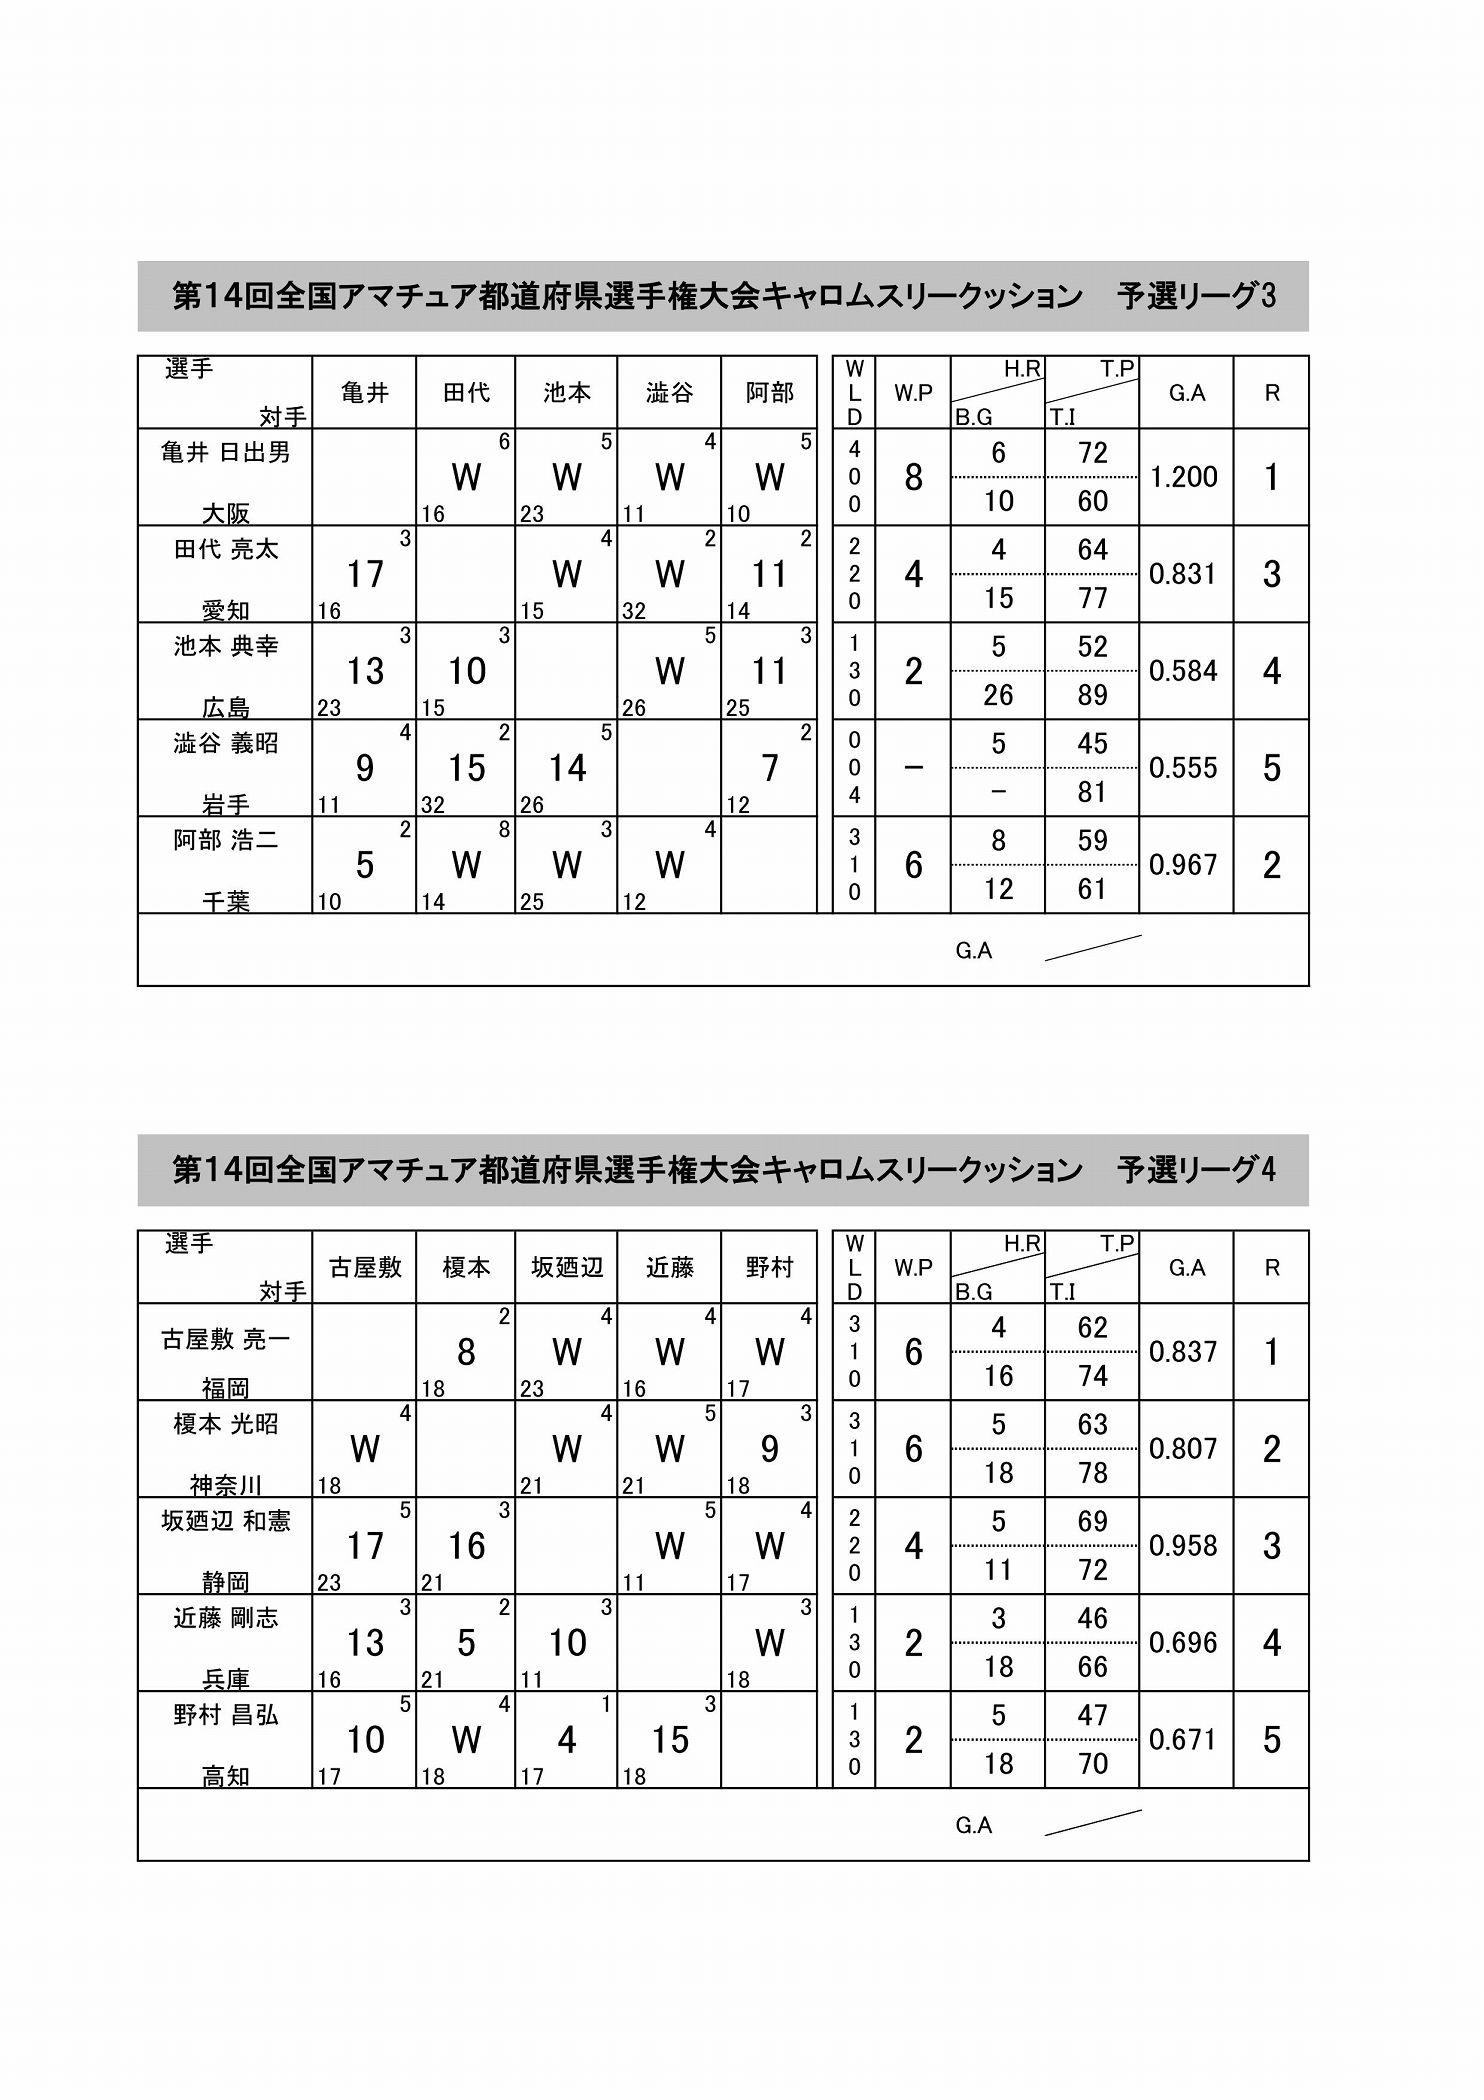 スリークッションリーグ戦表記入済み_02